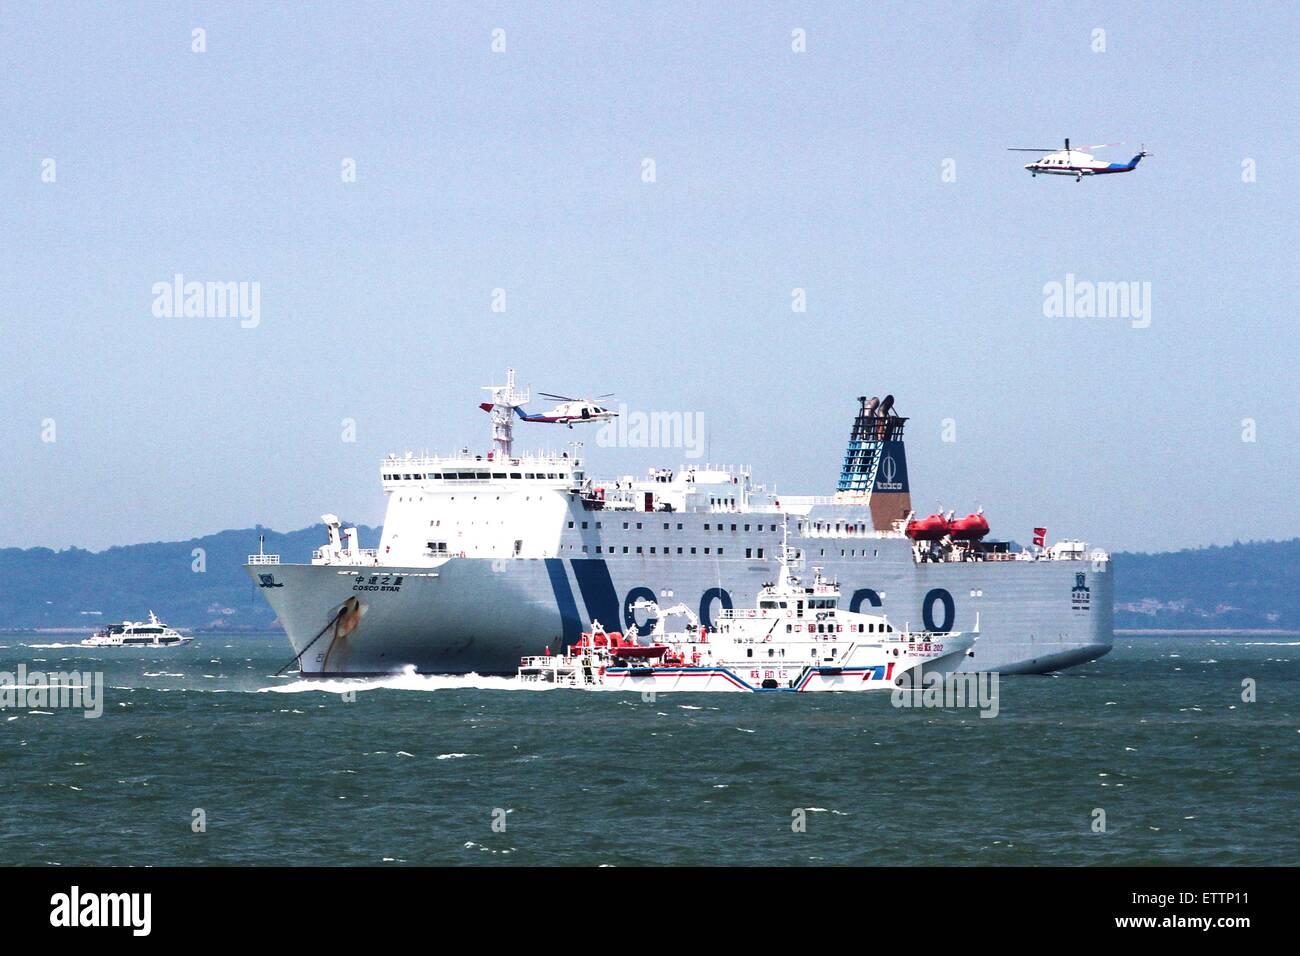 Xiamen, China's Fujian Province. 15th June, 2015. A passenger vessel takes part in a rescue drill in Xiamen, - Stock Image